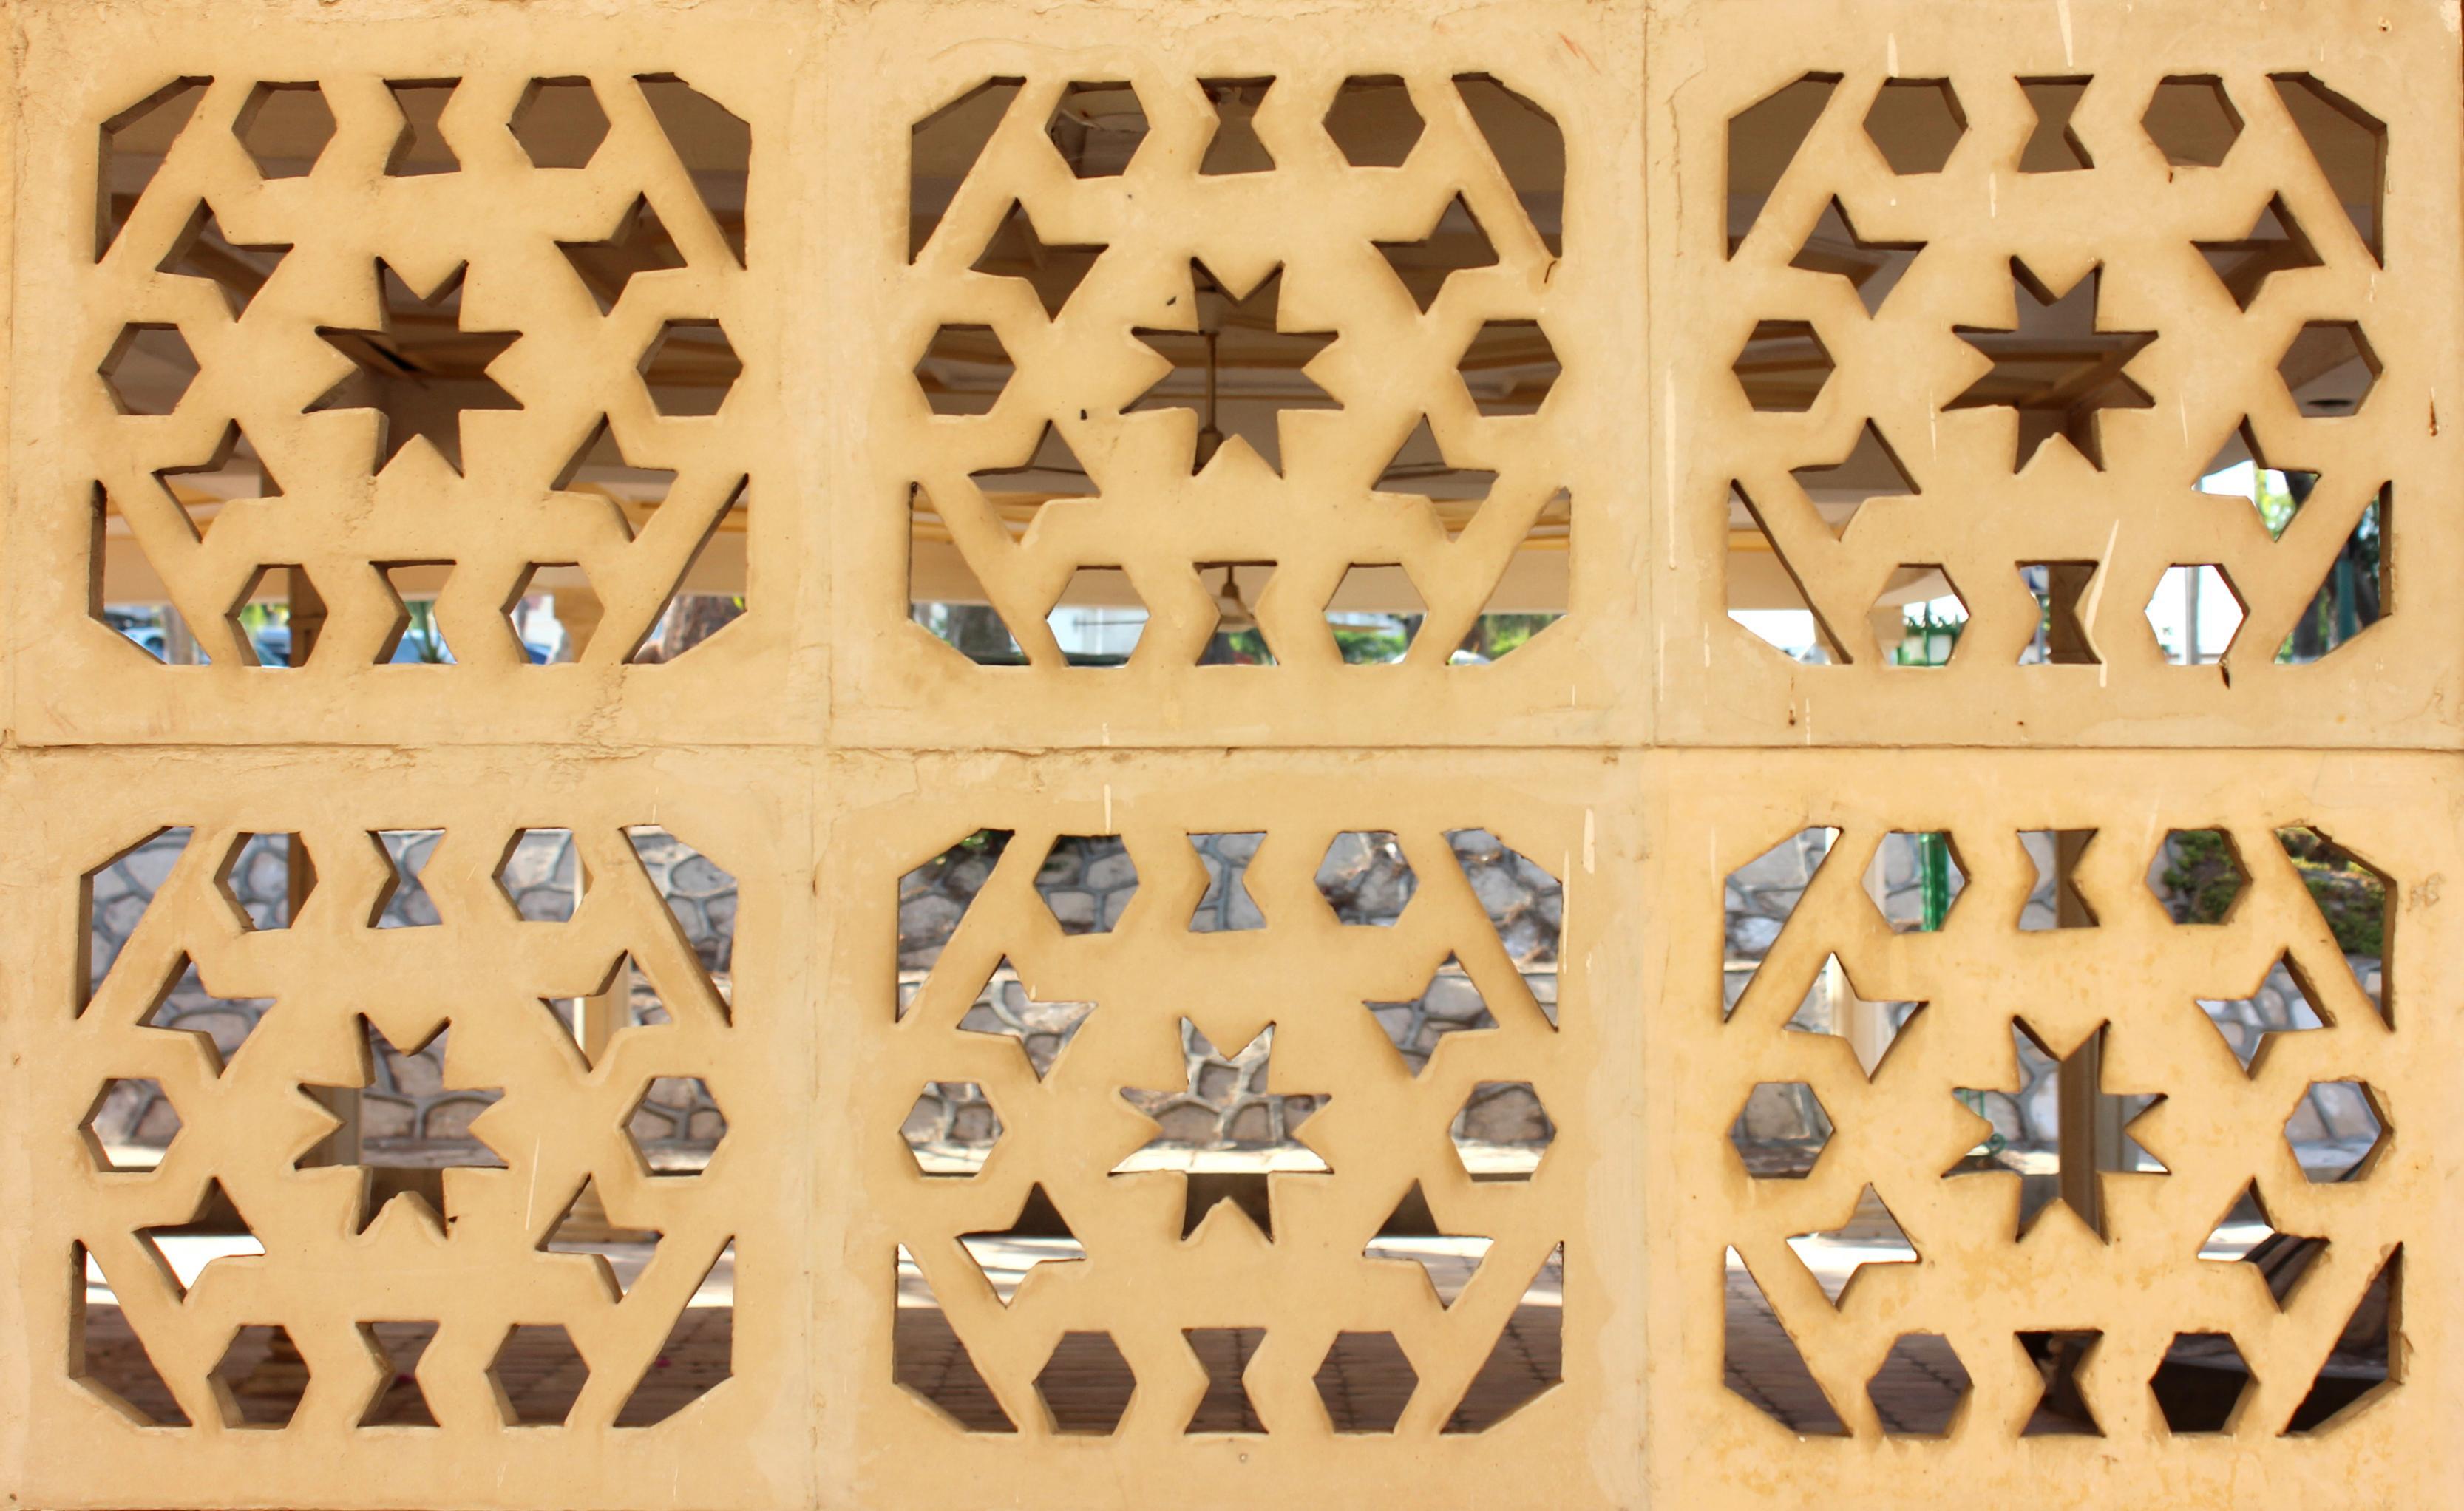 بالصور زخرفة هندسية , اجمل الزخارف الهندسيه الرائعه 5170 5